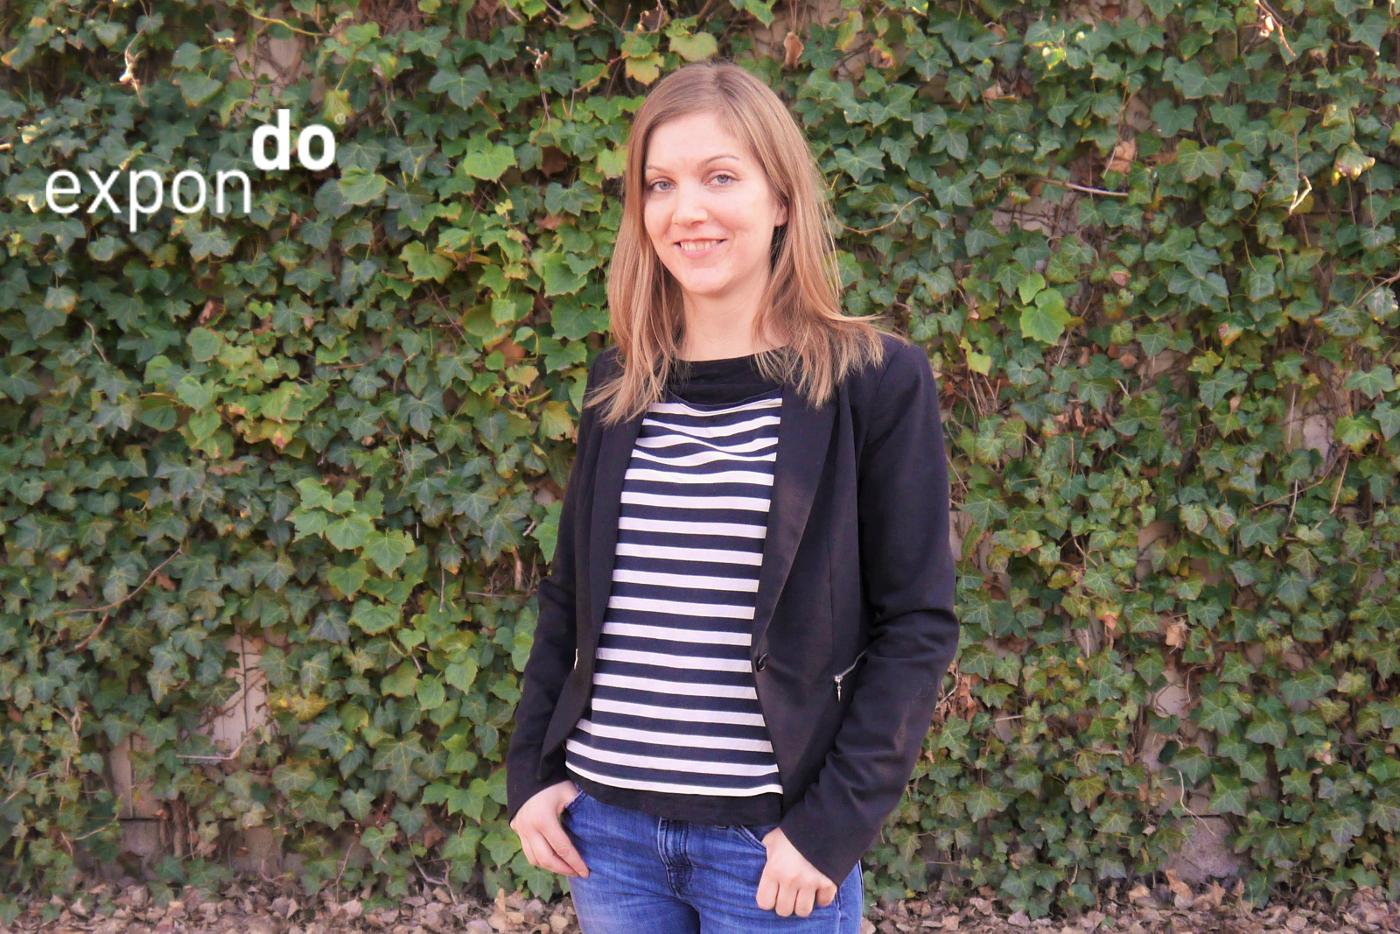 expondo Interview mit Sarah Schwark (HR) Personalwesen